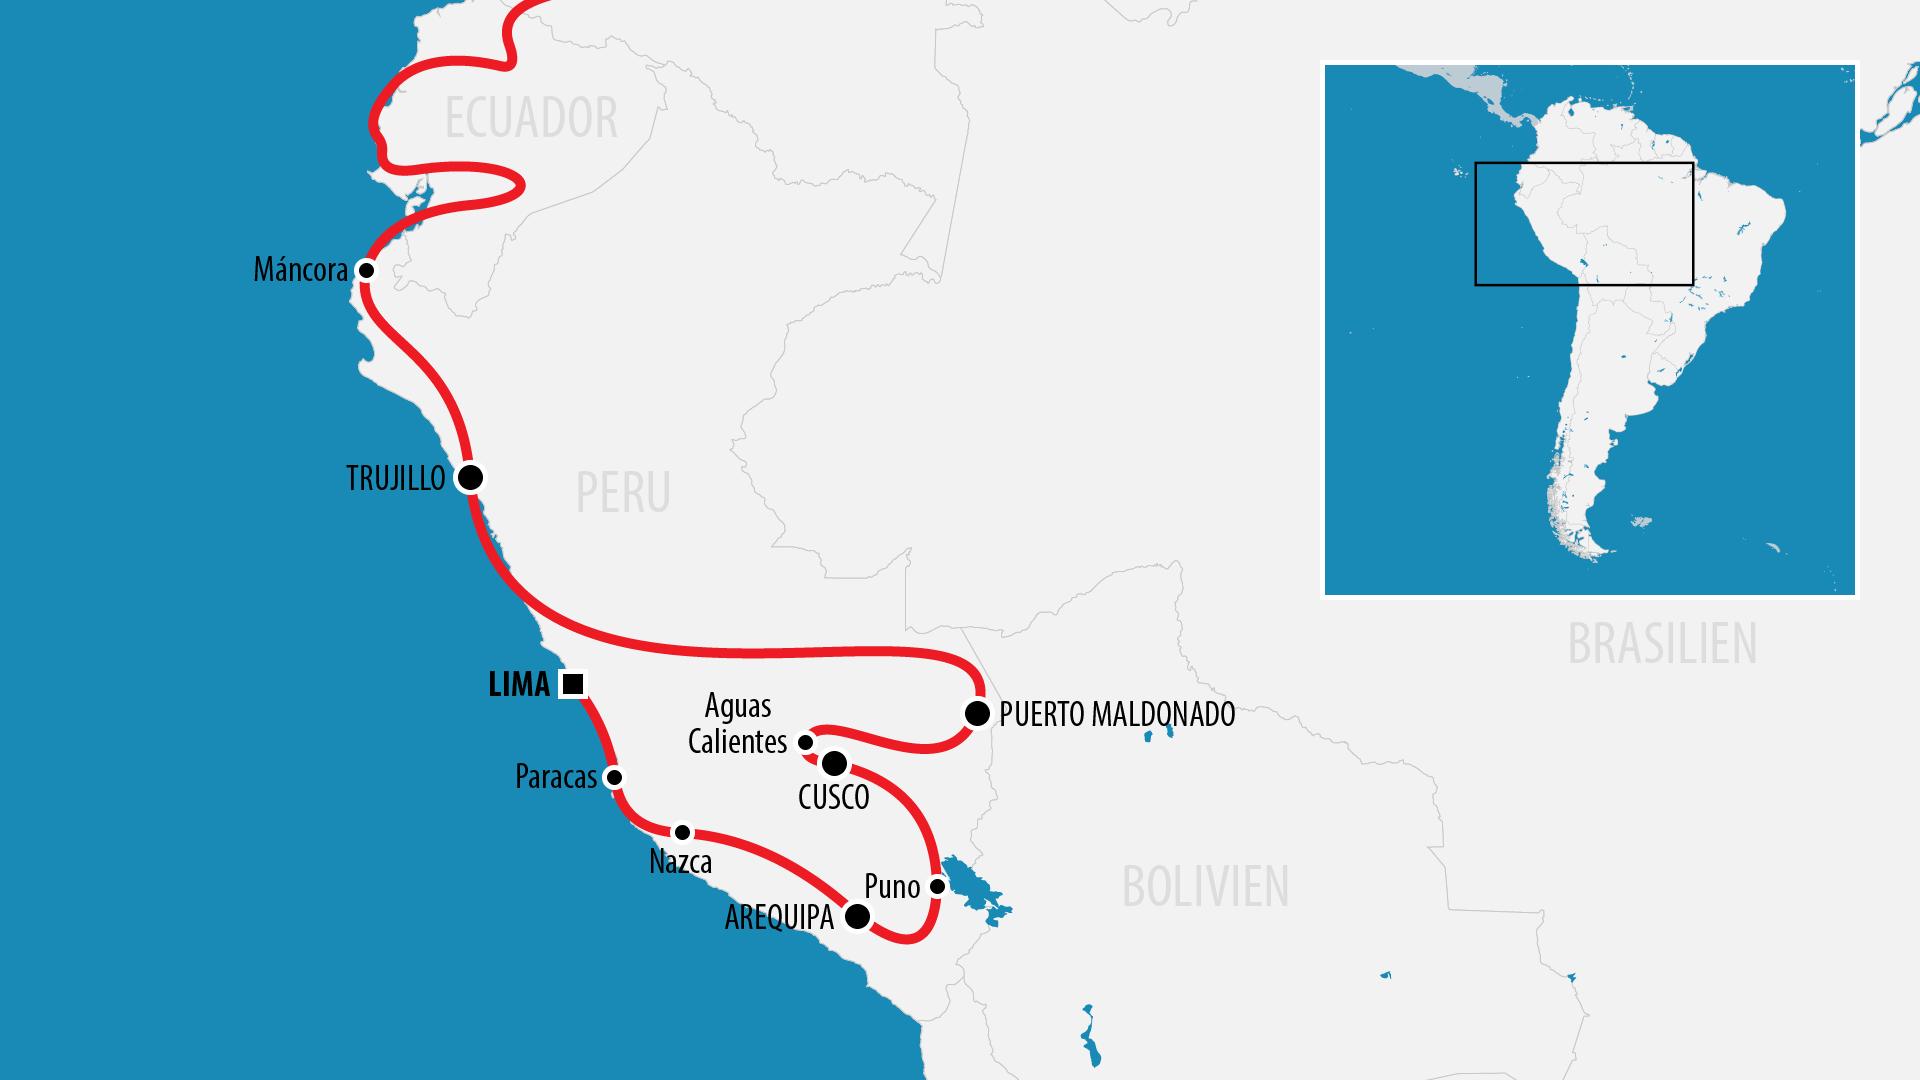 Reiseroute Südamerika 2017 (Peru)